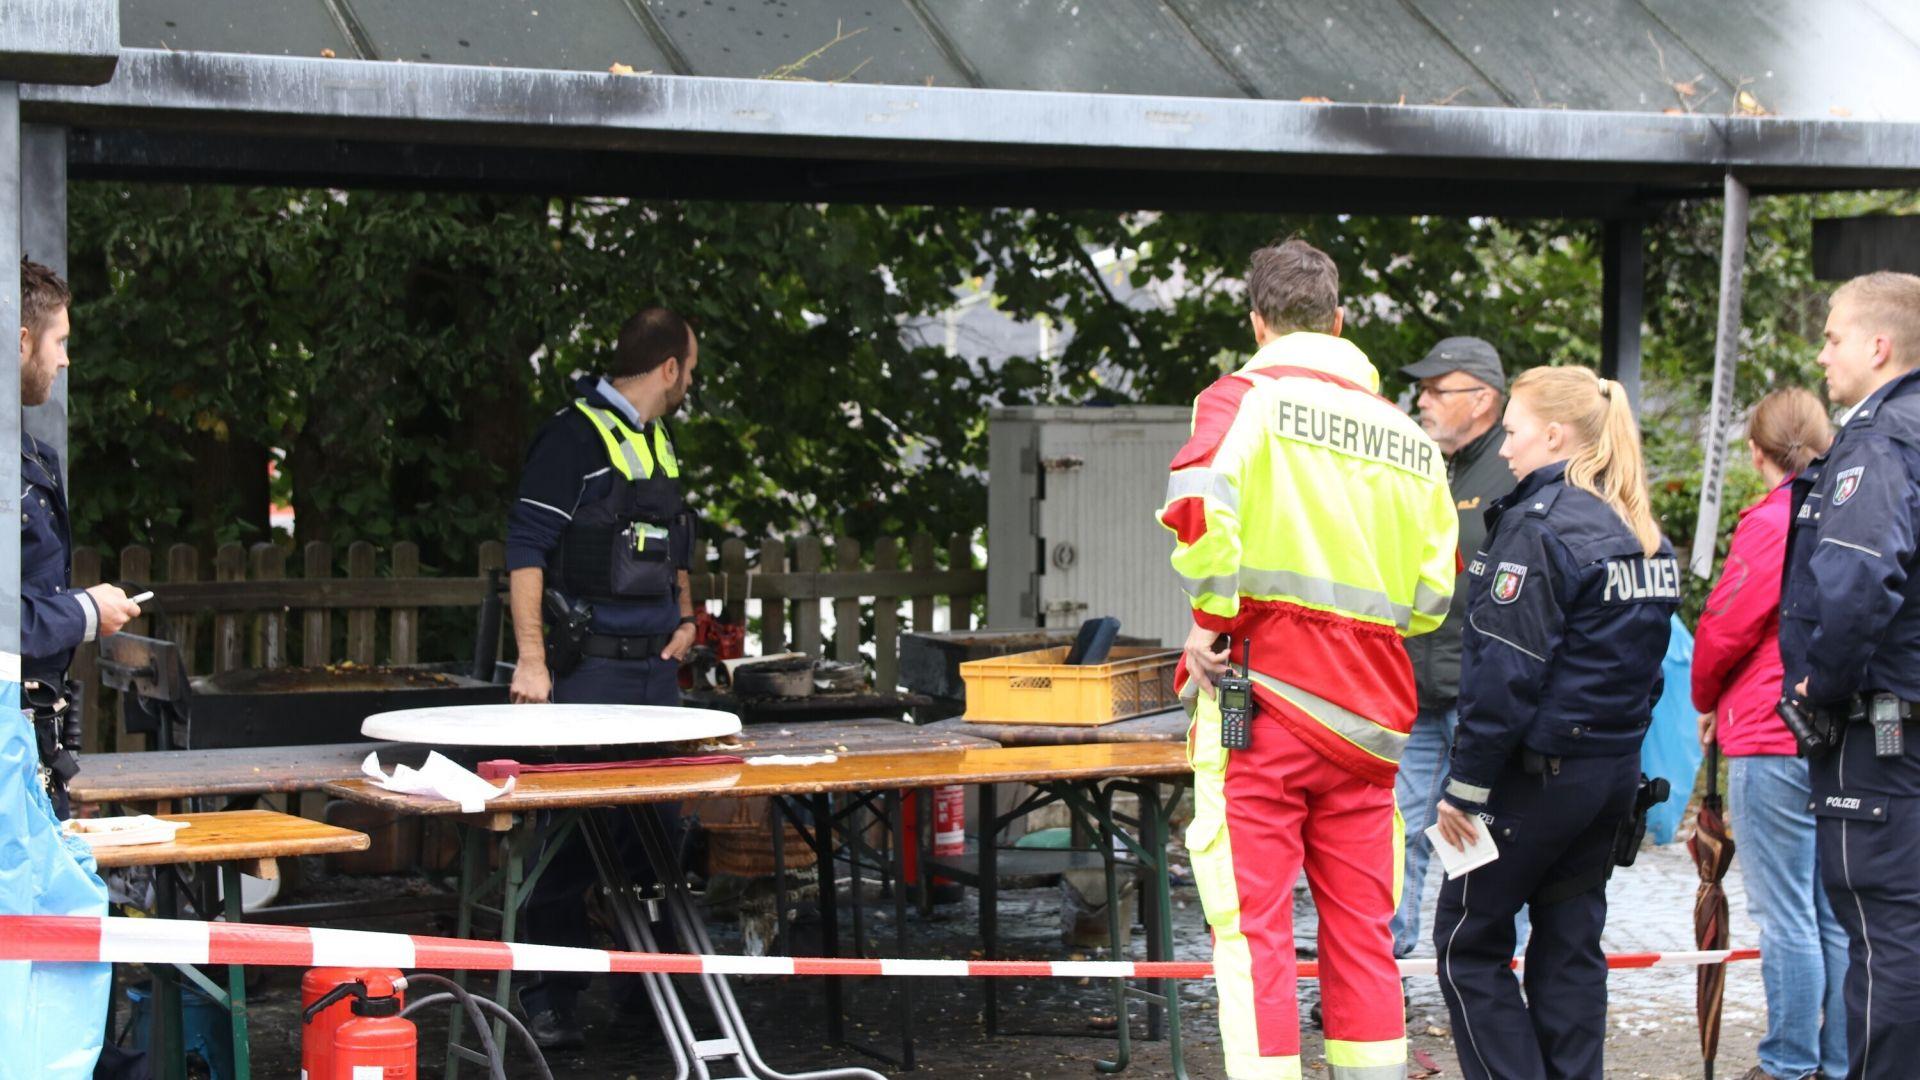 Почина жена, ранена при взрива на тиган на кулинарен фестивал в Германия